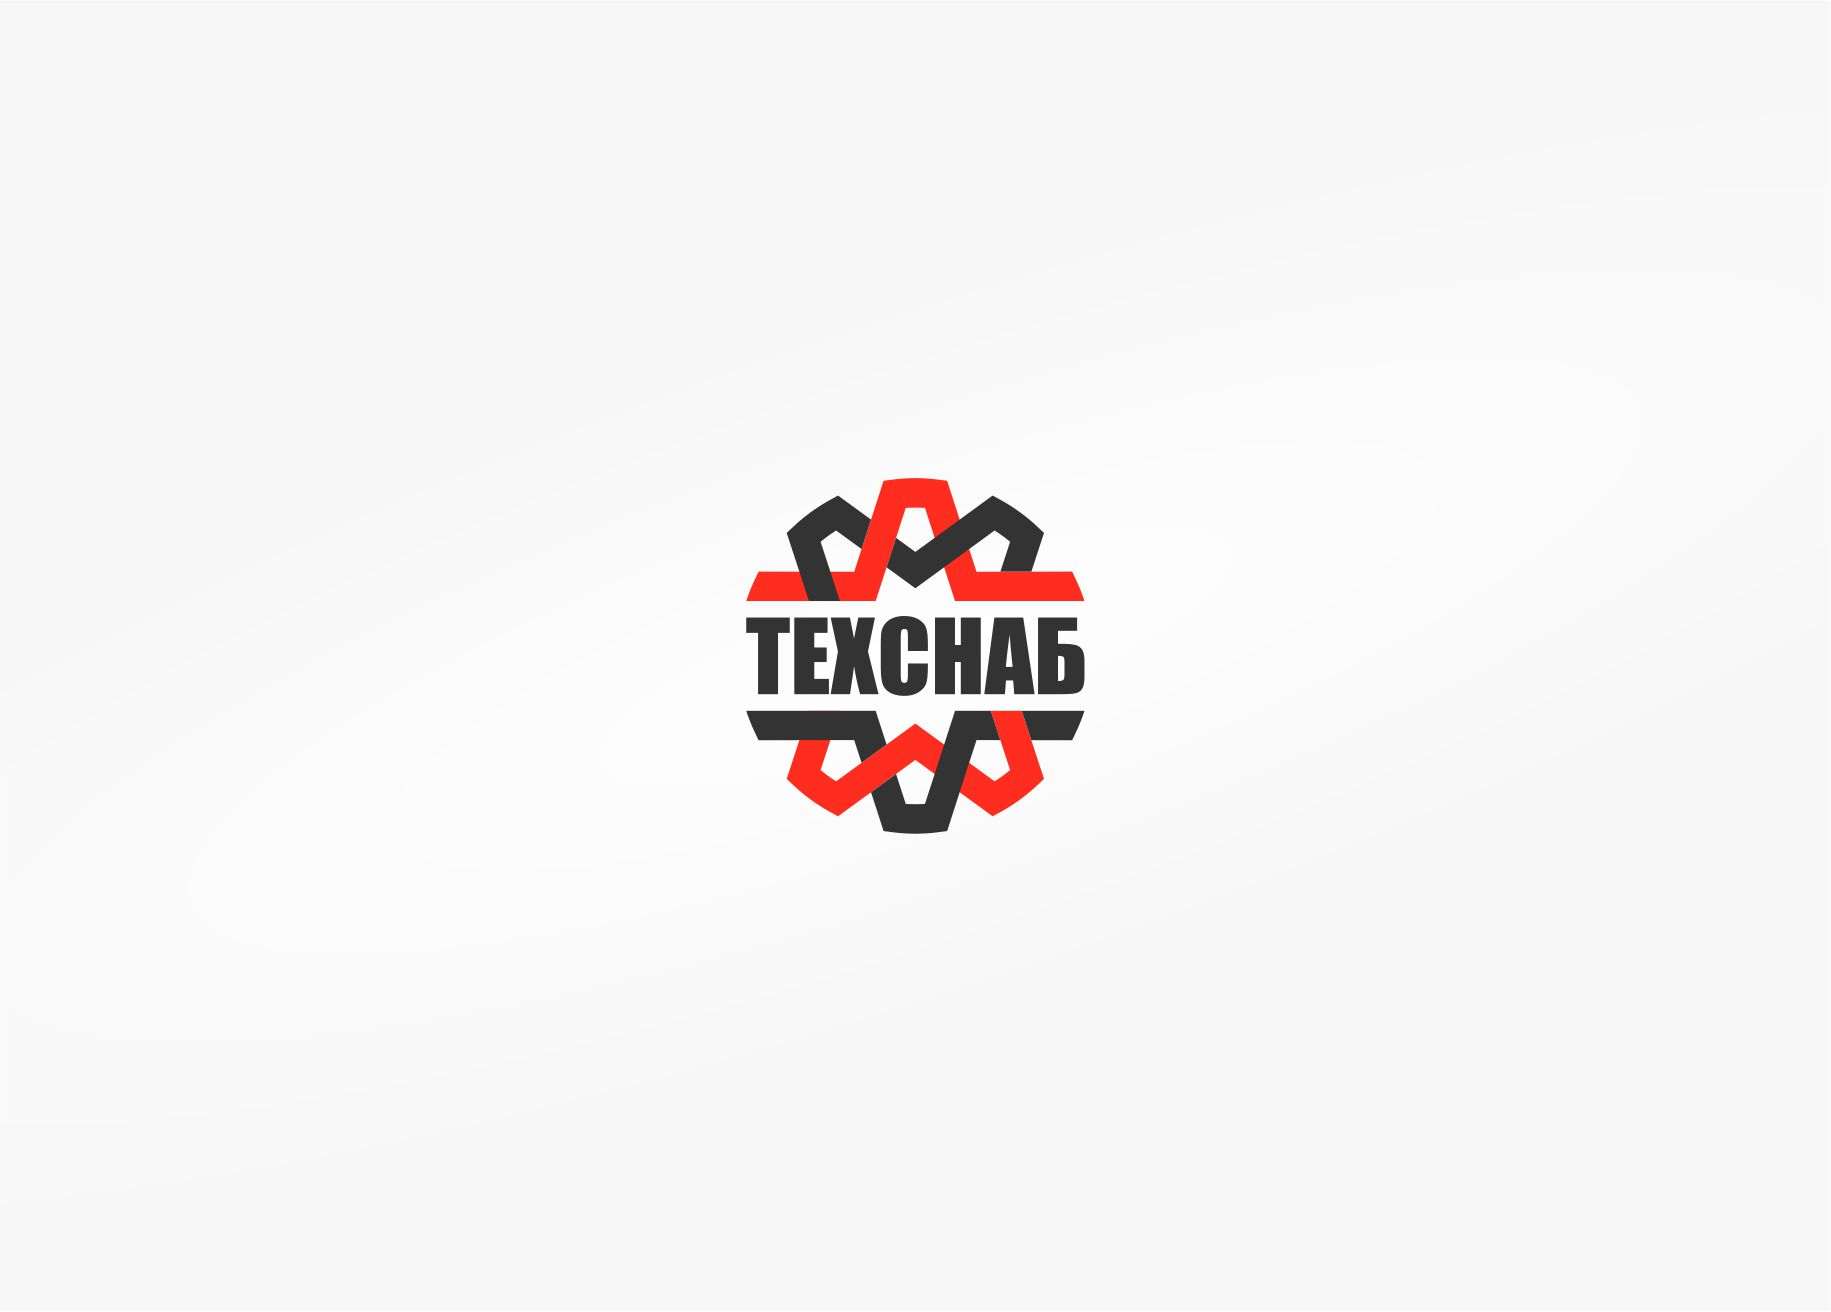 Разработка логотипа и фирм. стиля компании  ТЕХСНАБ фото f_6305b1ed1d860e82.jpg